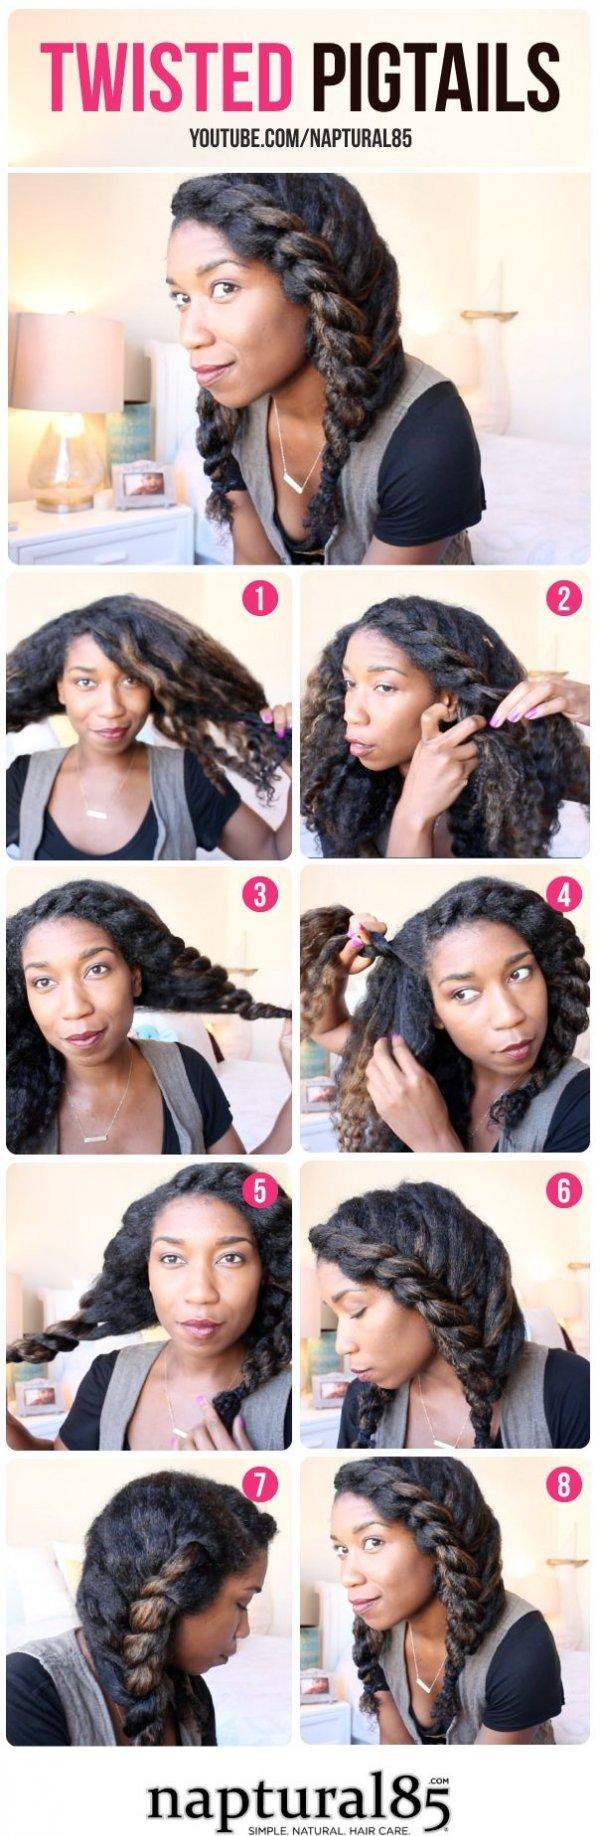 One Step,hair,hairstyle,black hair,mouth,